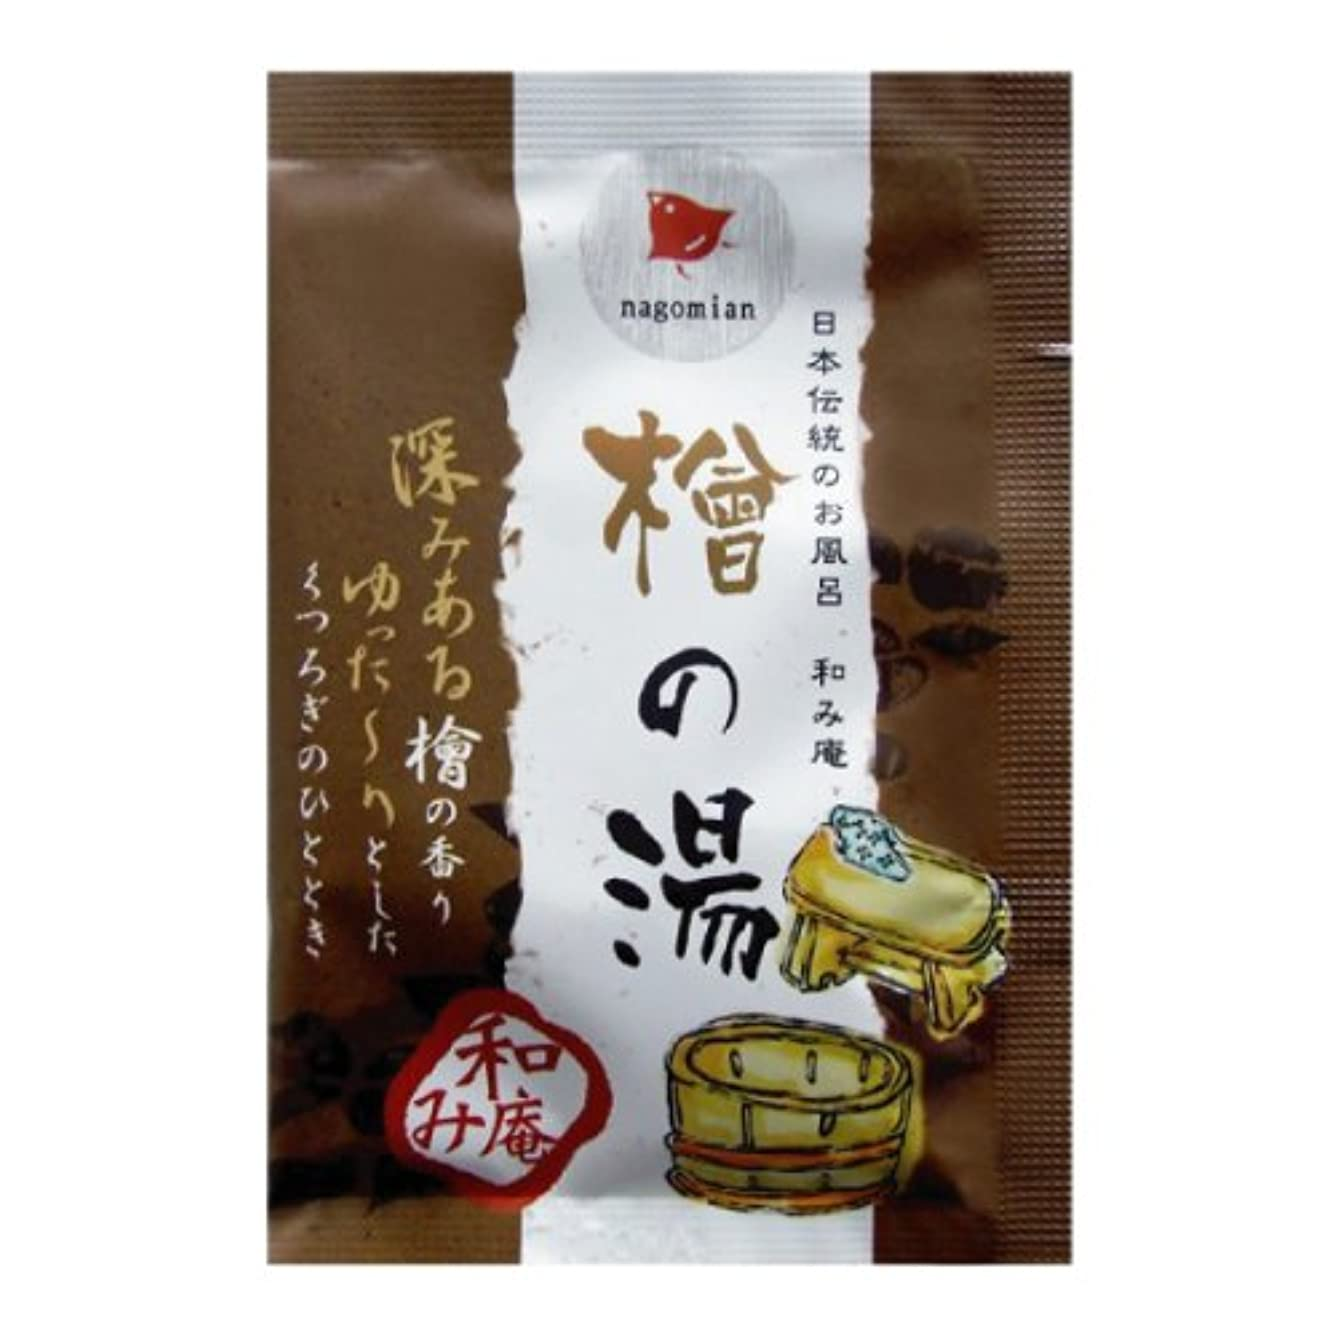 繕う魅惑する原因日本伝統のお風呂 和み庵 檜の湯 200包